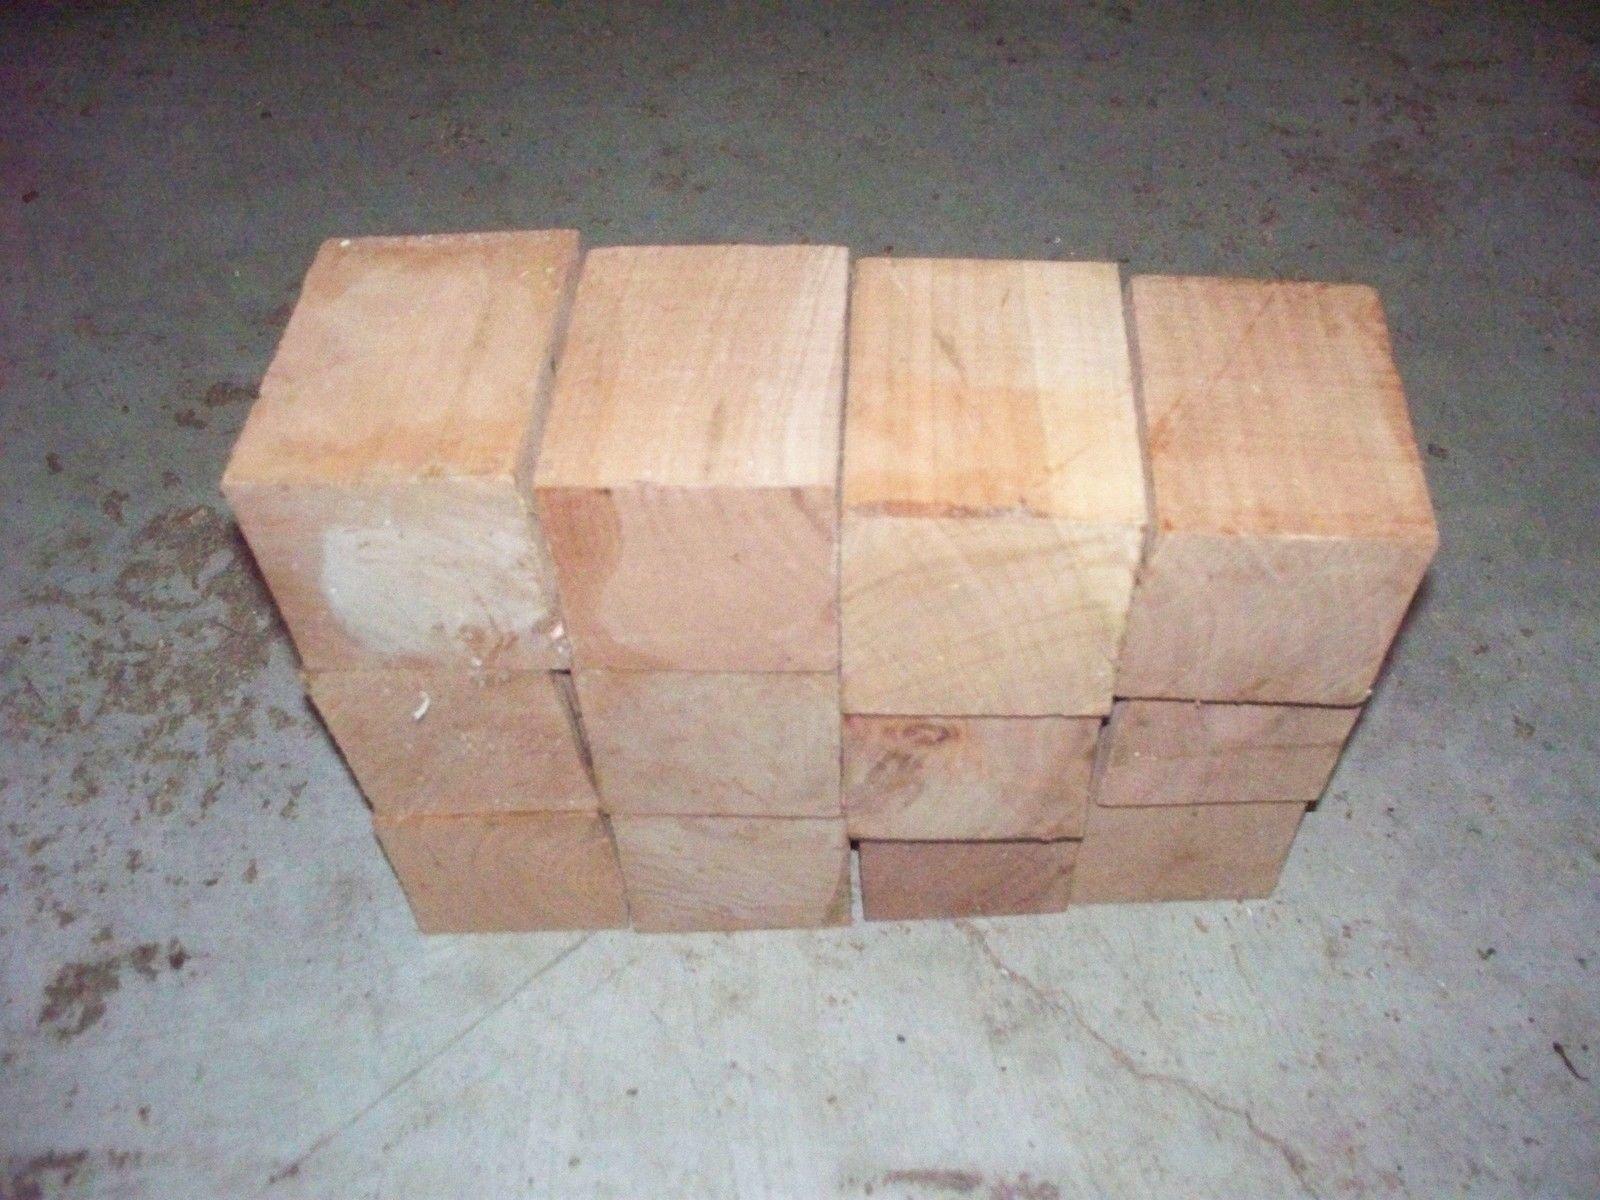 12 Cherry Bottle Stopper Blanks Lathe Wood Blocks Lumber